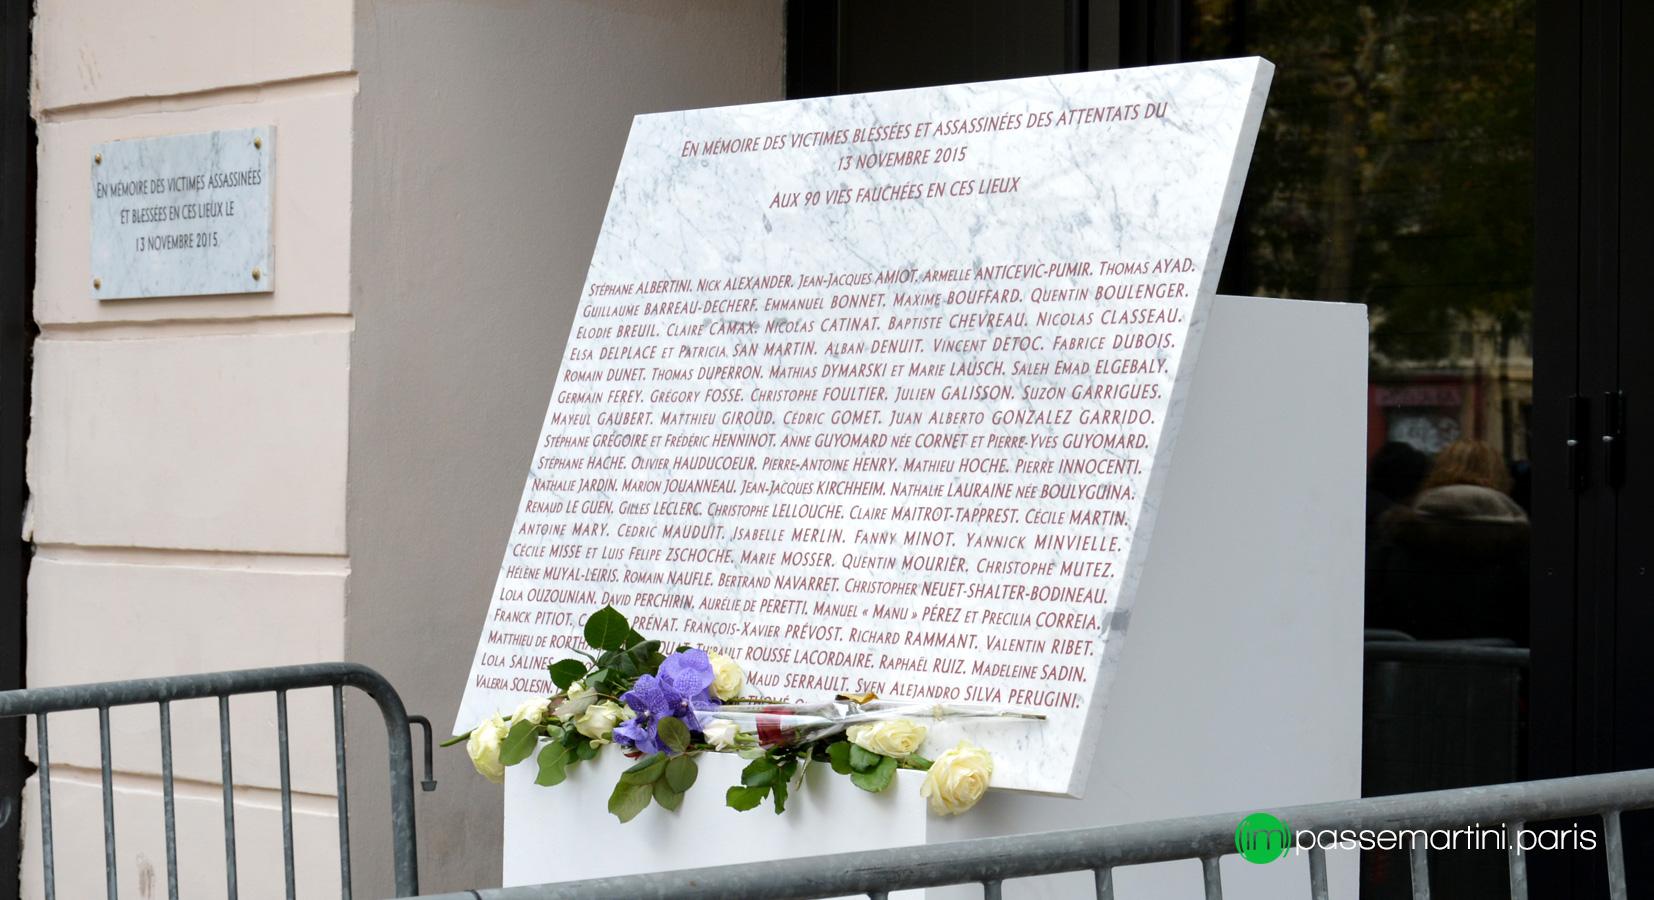 13 novembre 2017, dalle commémoratives avec le nom des victimes